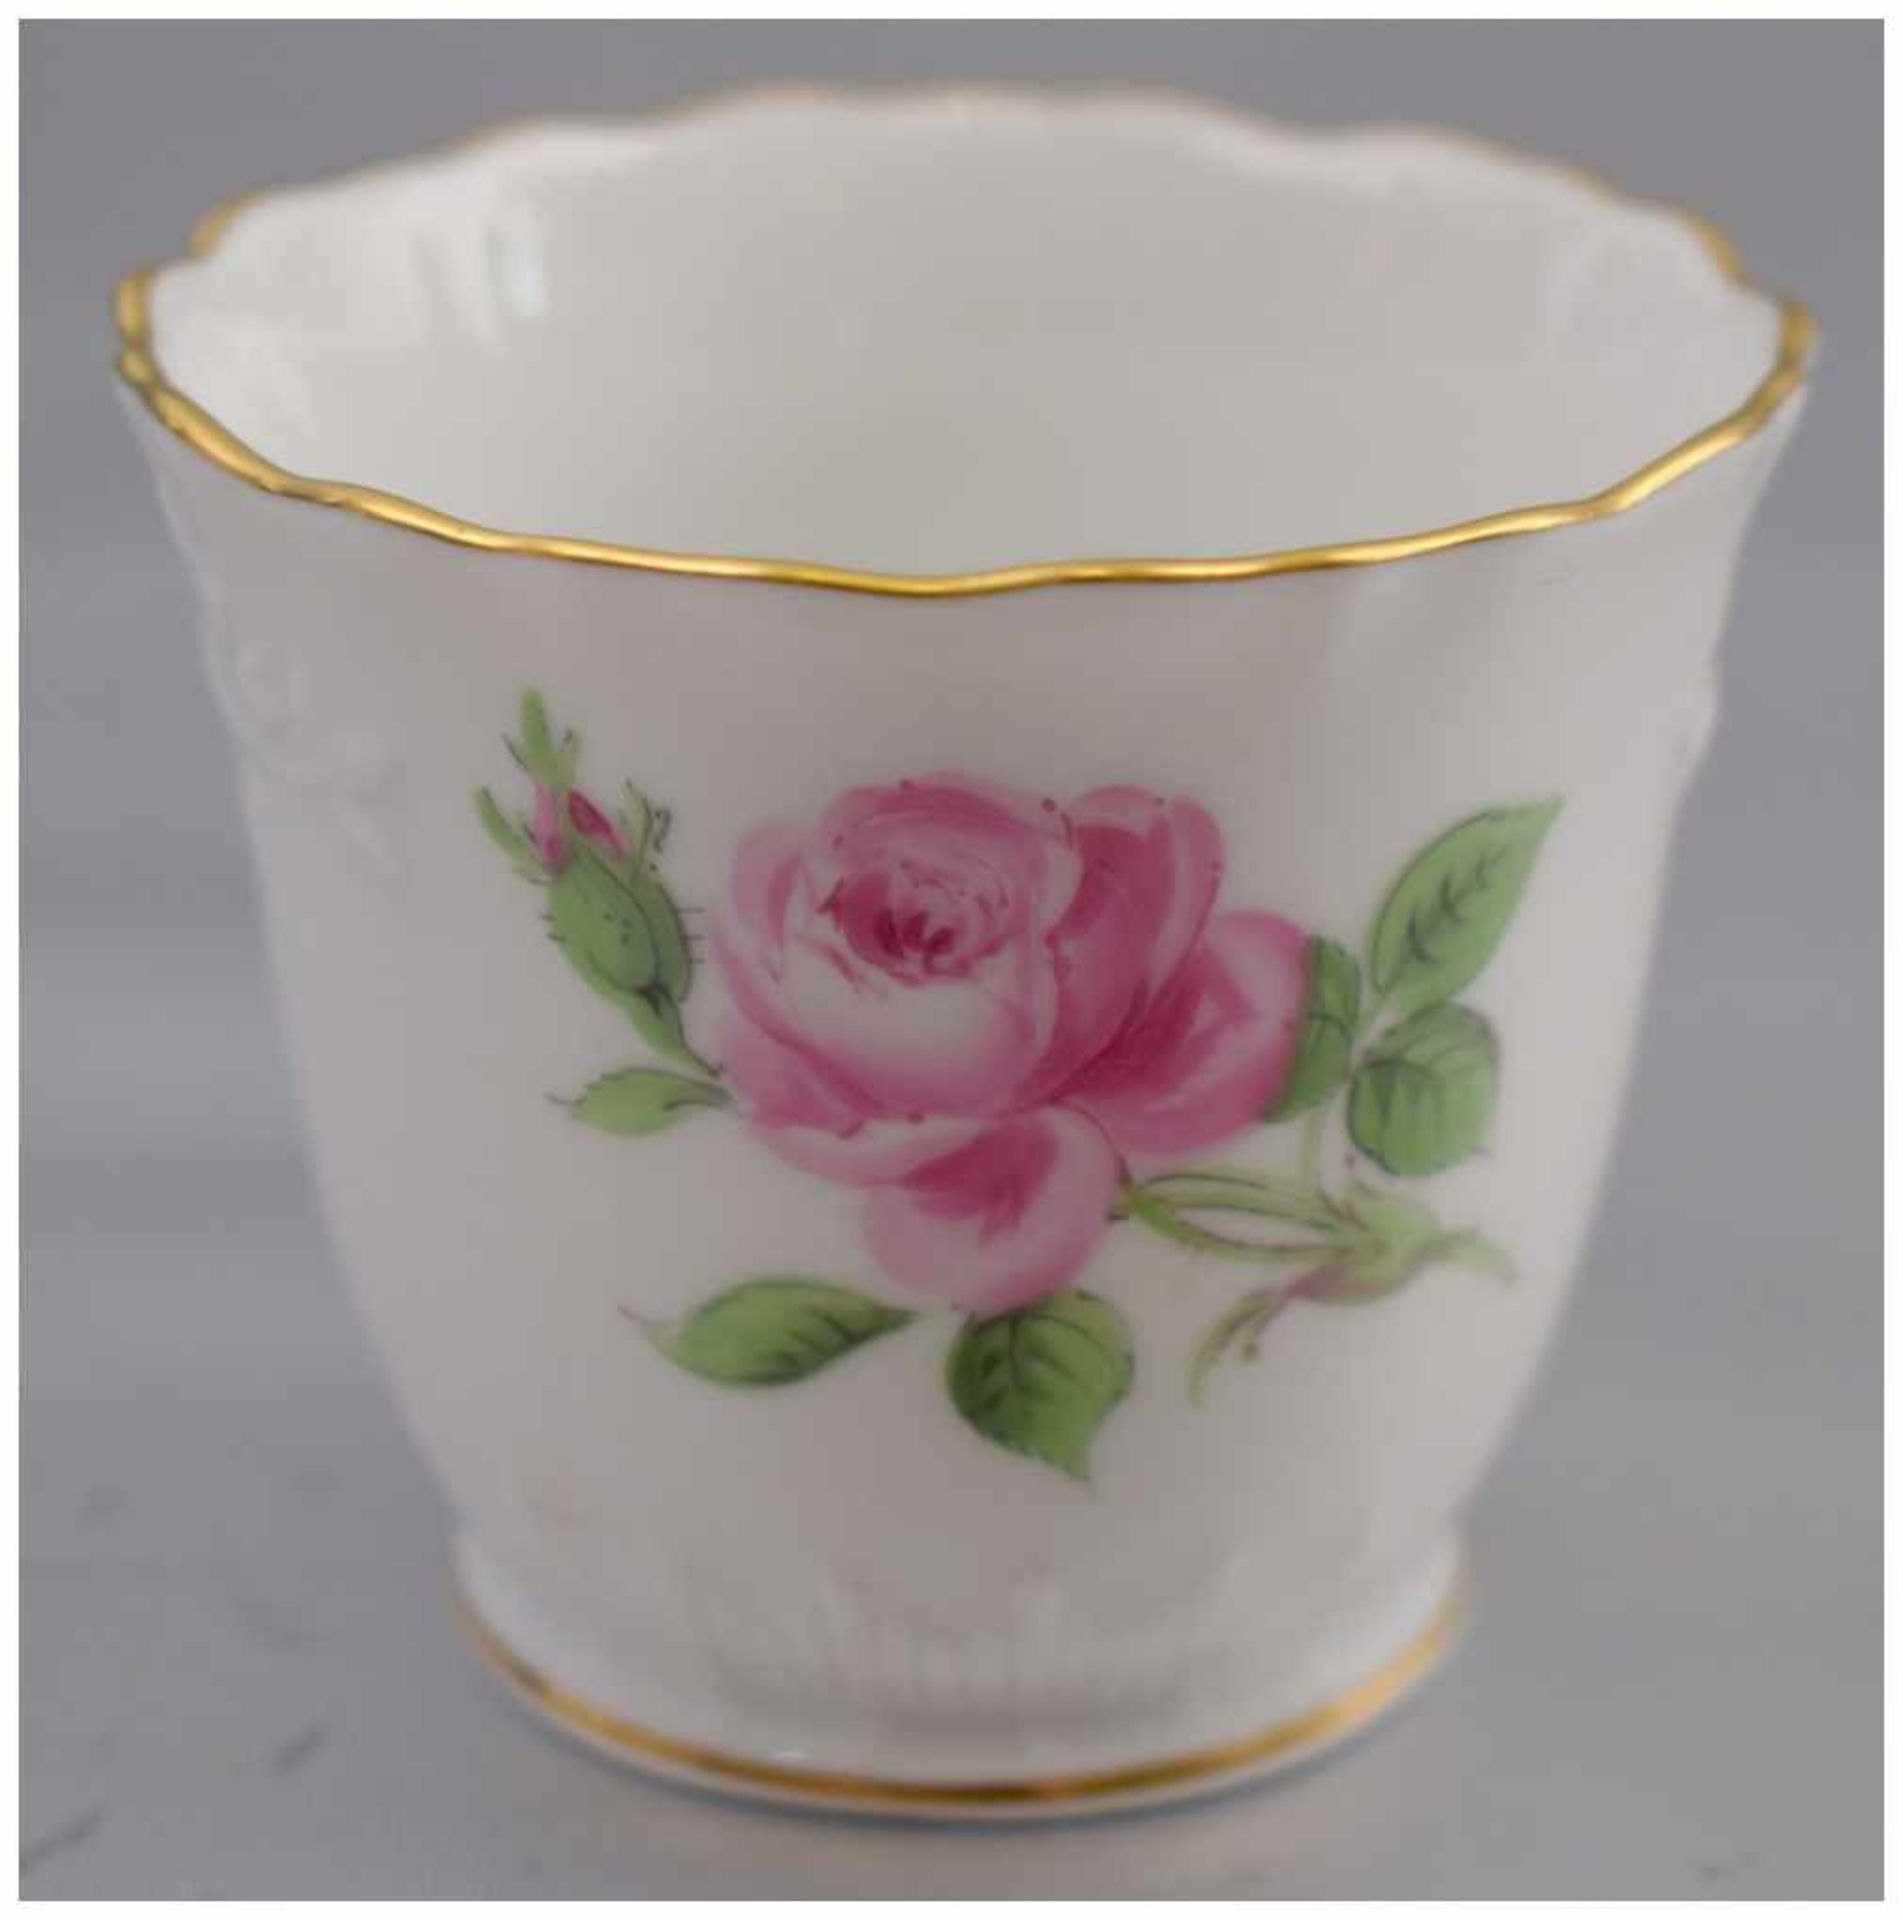 Los 52 - Vase rund, gewellter Goldrand, Wandung mit roter Rosenbemalung, H 5 cm, Dm 6 cm, blaue